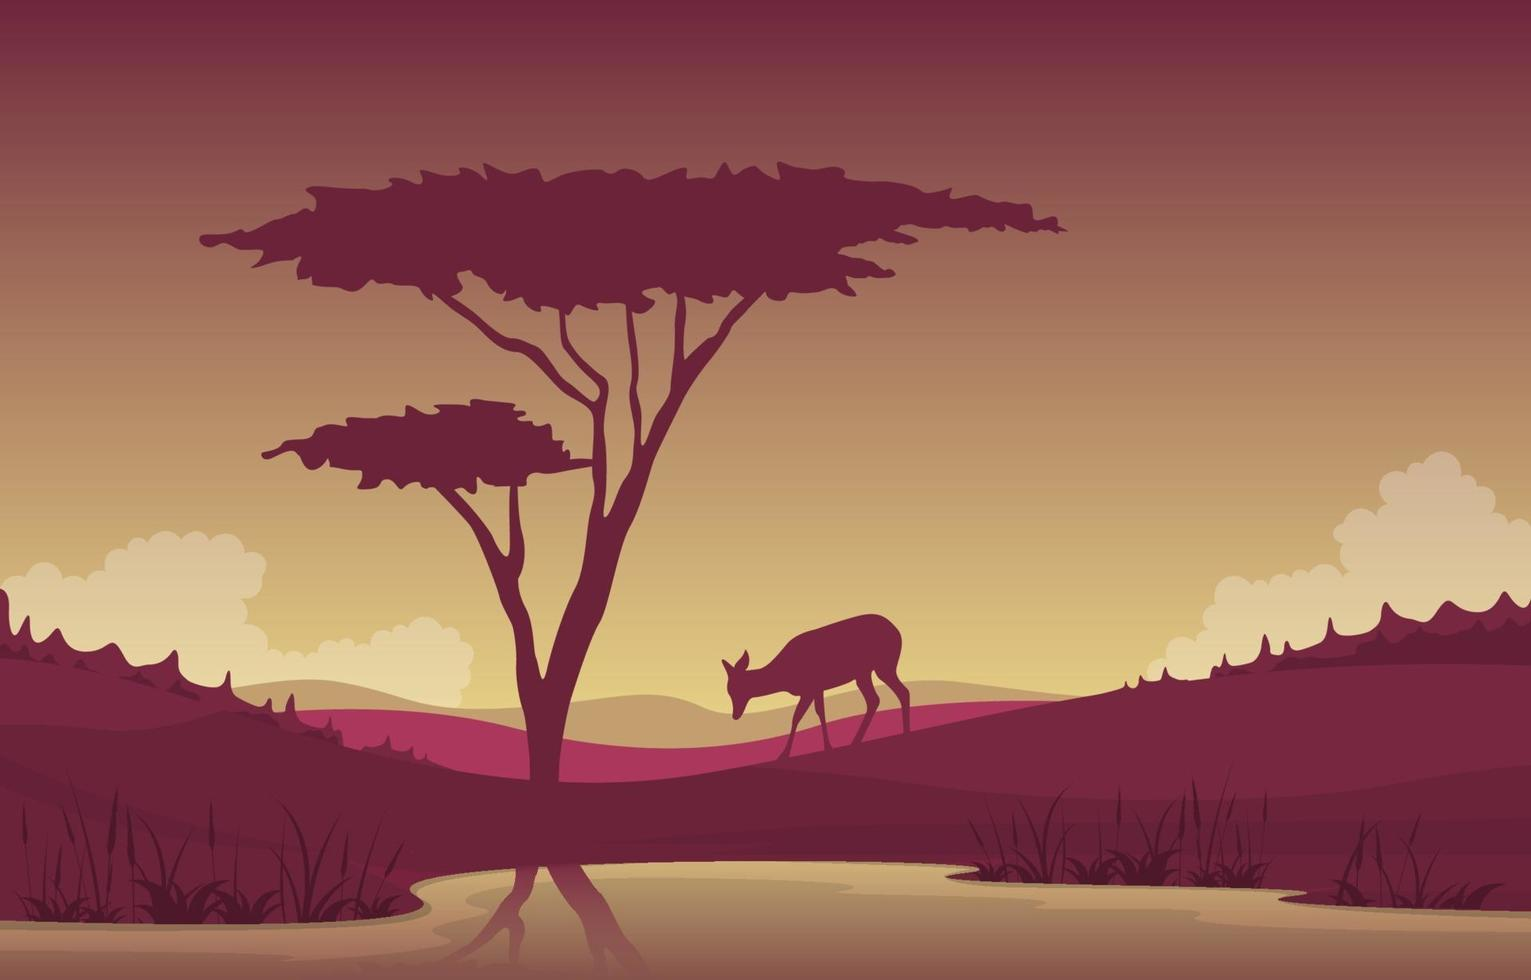 pequeño ciervo visitando oasis en la sabana africana paisaje ilustración vector